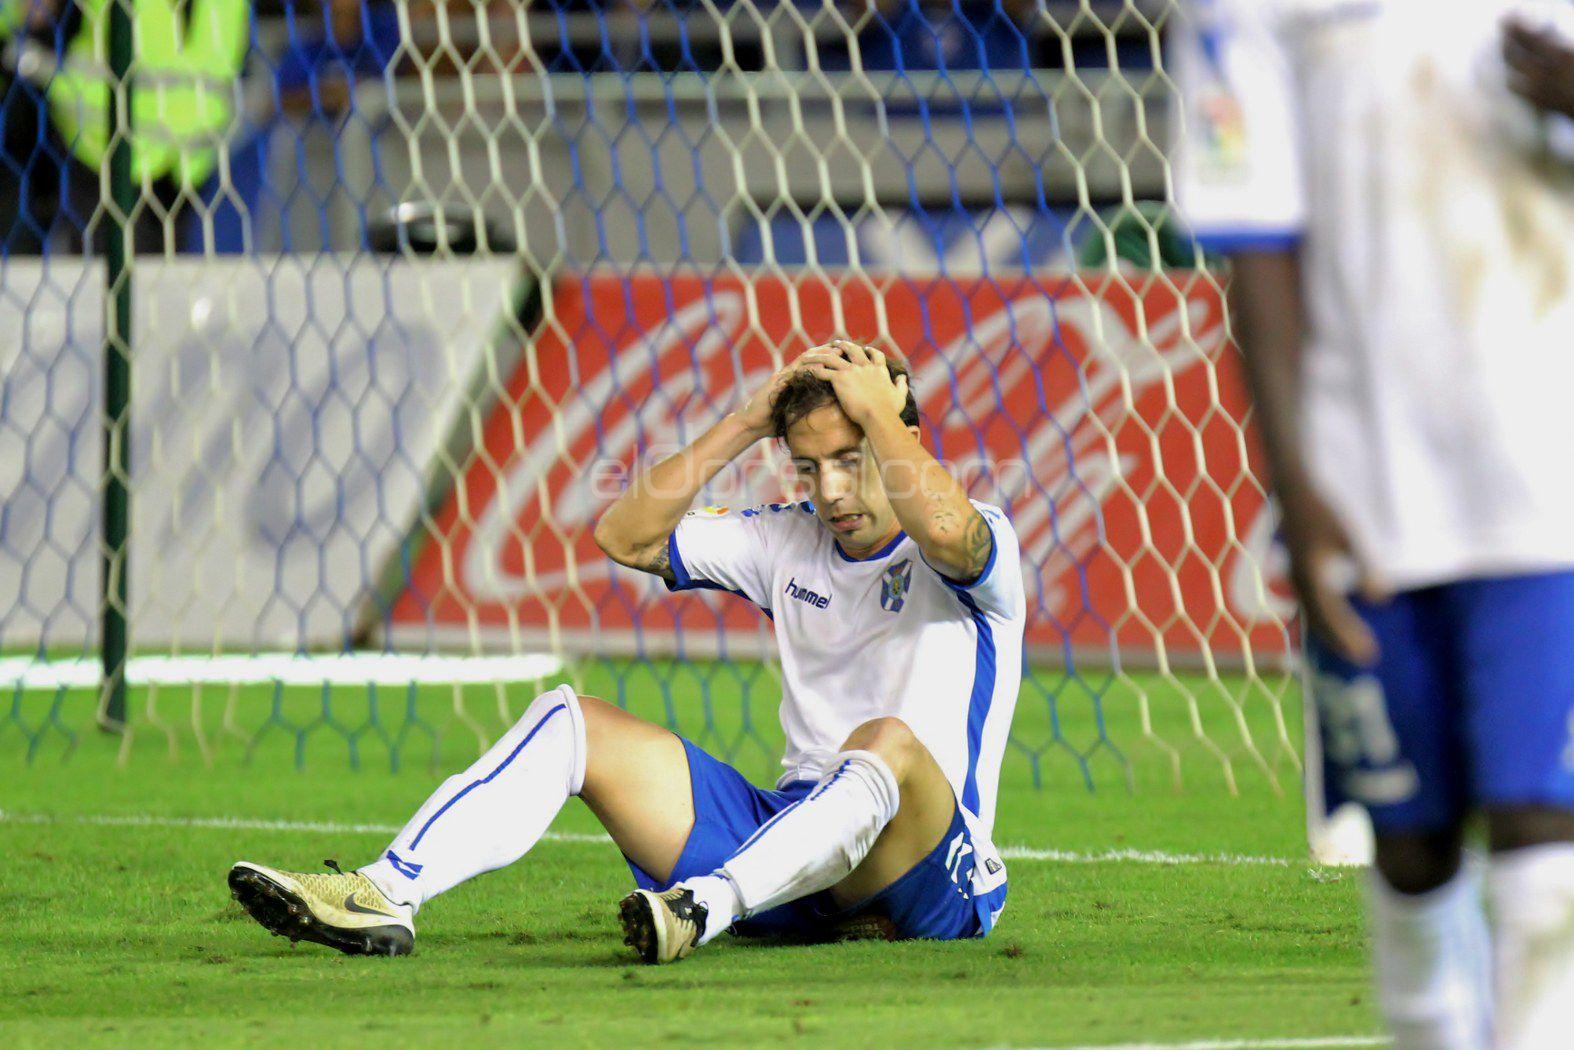 El lateral lamenta el empate, pero se queda con la competitividad del equipo | @jacfotografo